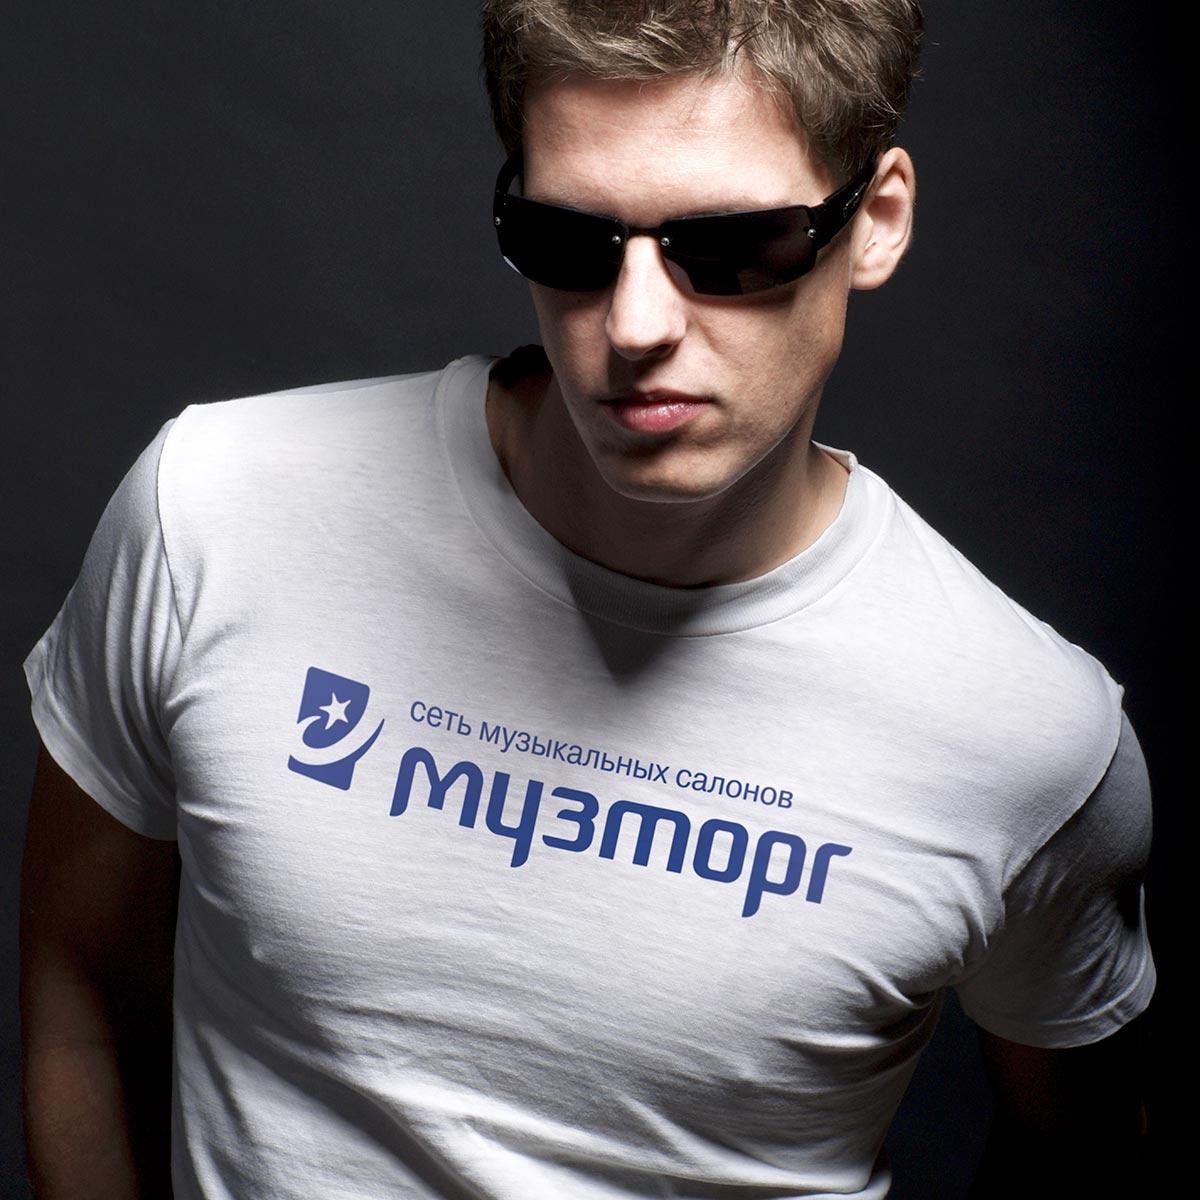 Muztorg-shirt.jpg